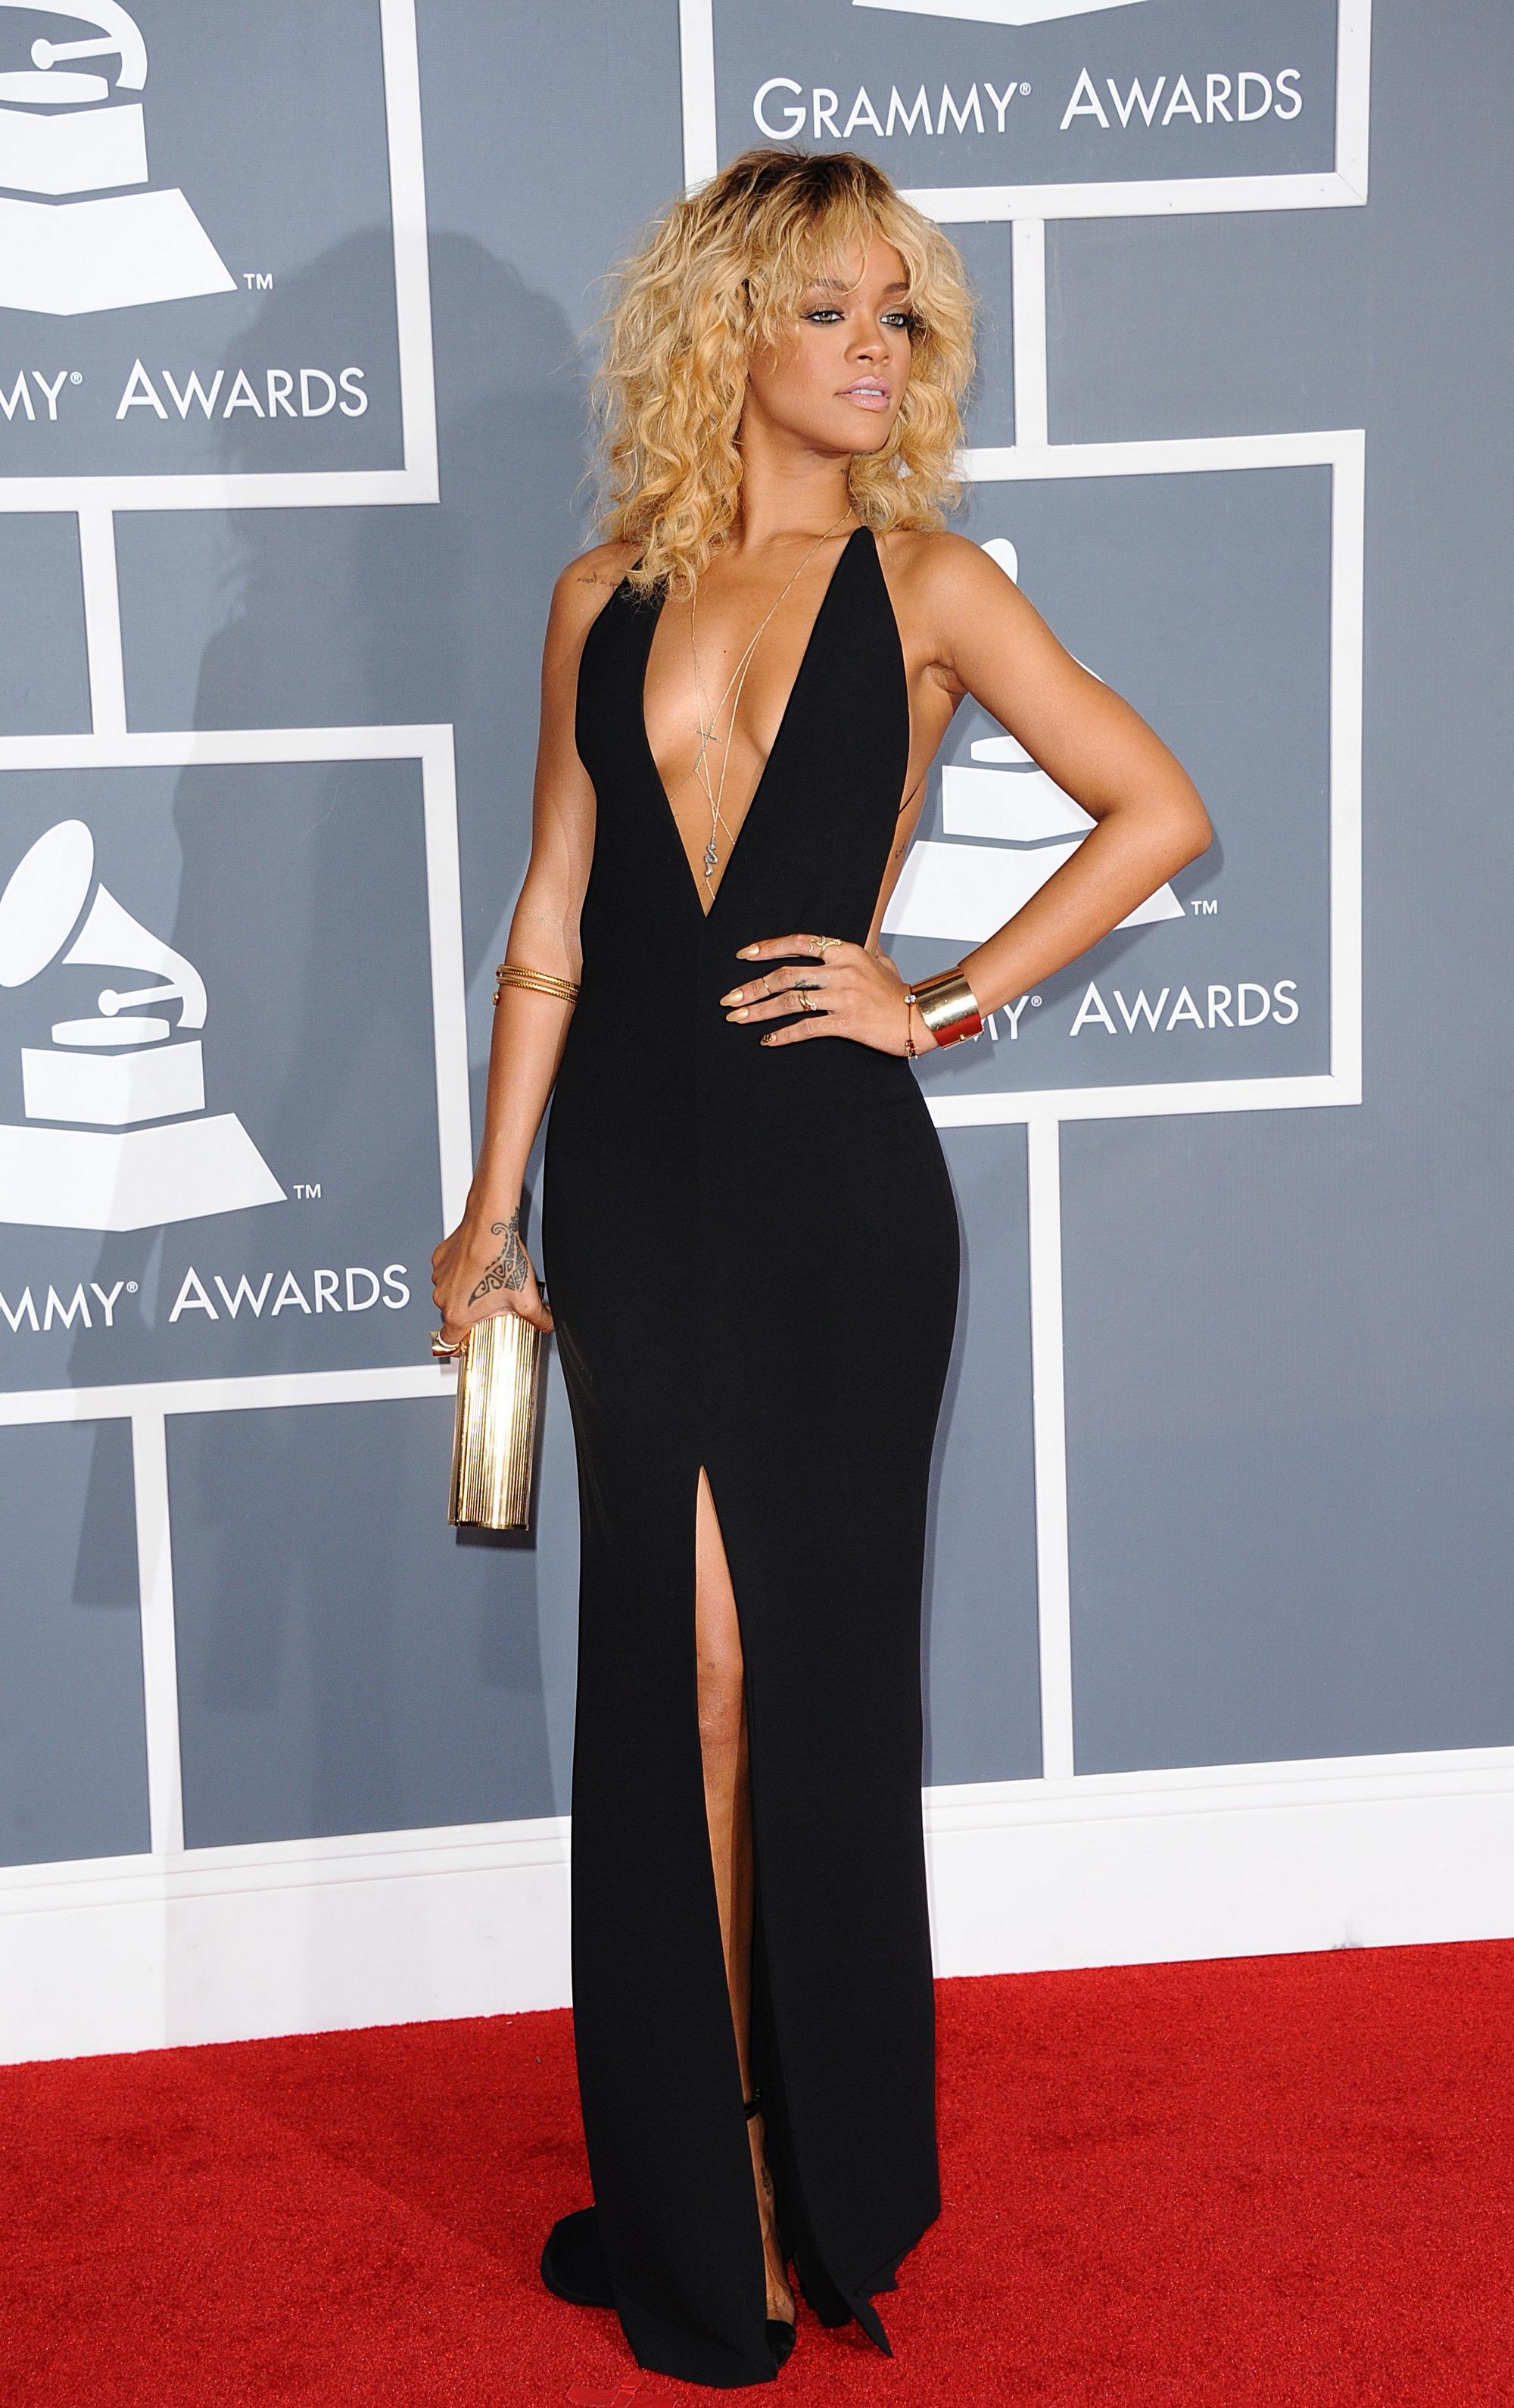 Grammy Tak Wyglądały Gwiazdy Na Czerwonym Dywanie Zdjęcie 6